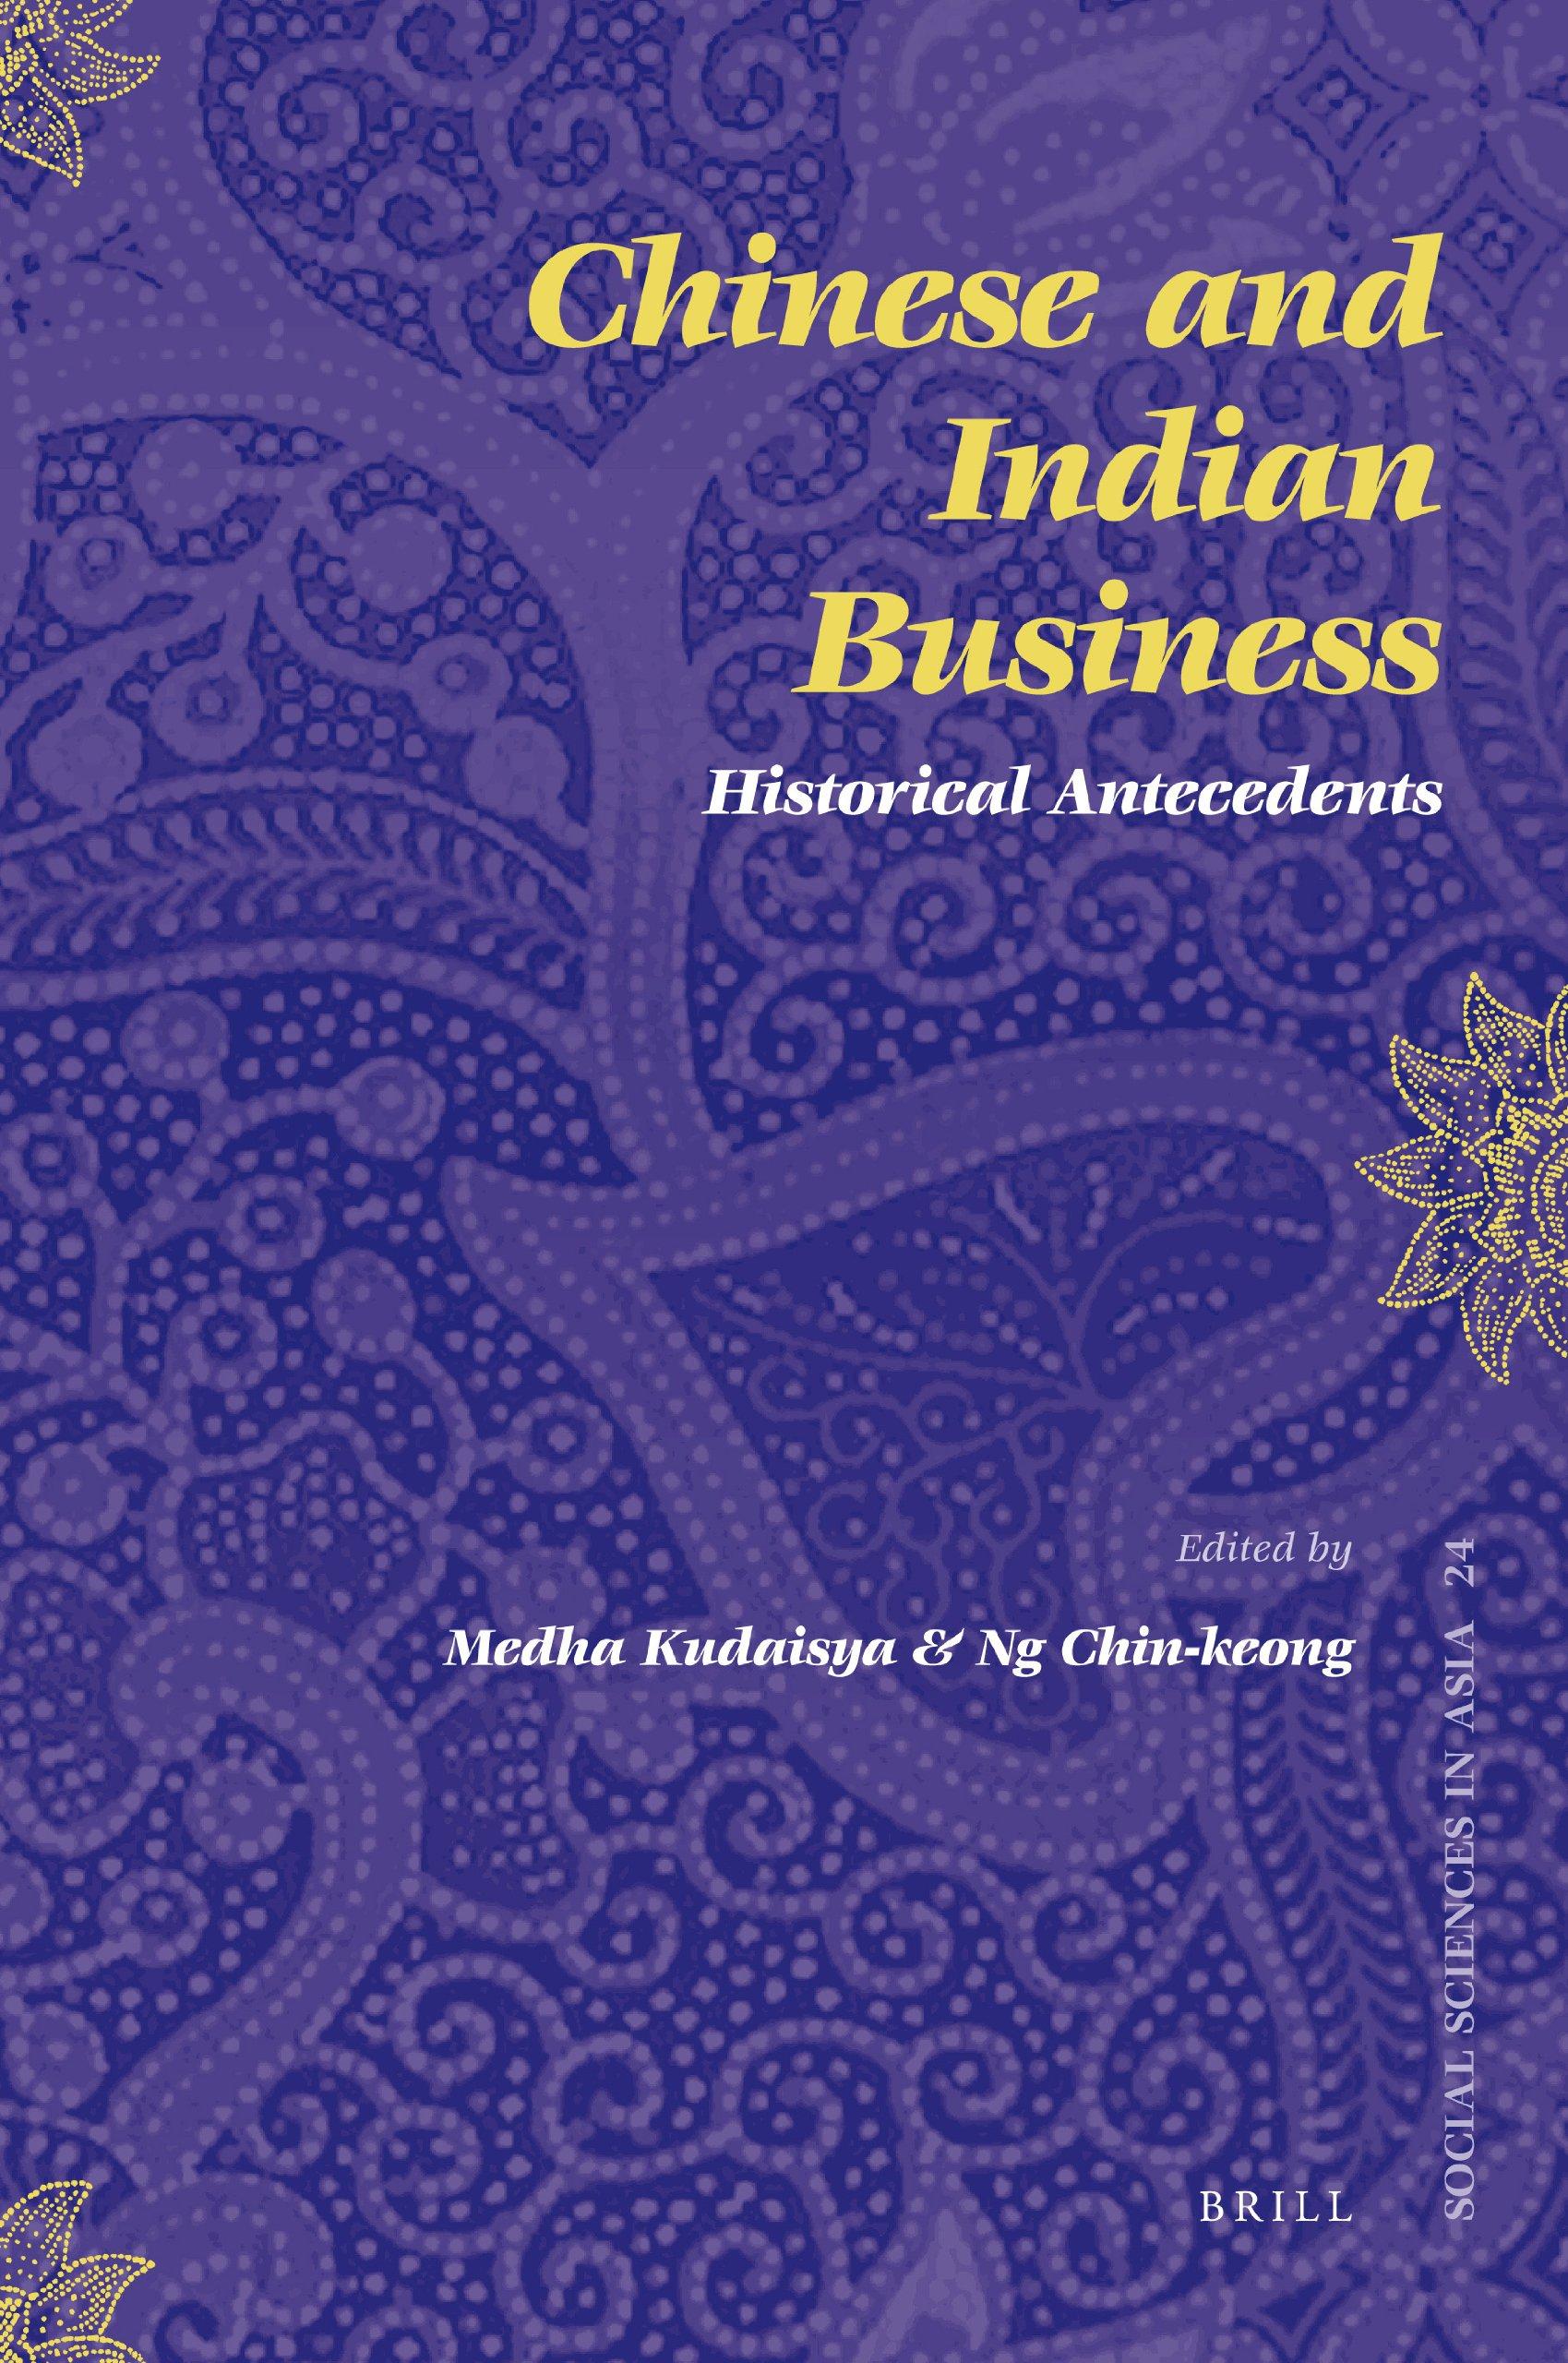 chinese and indian business kudaisya medha ng chin keong